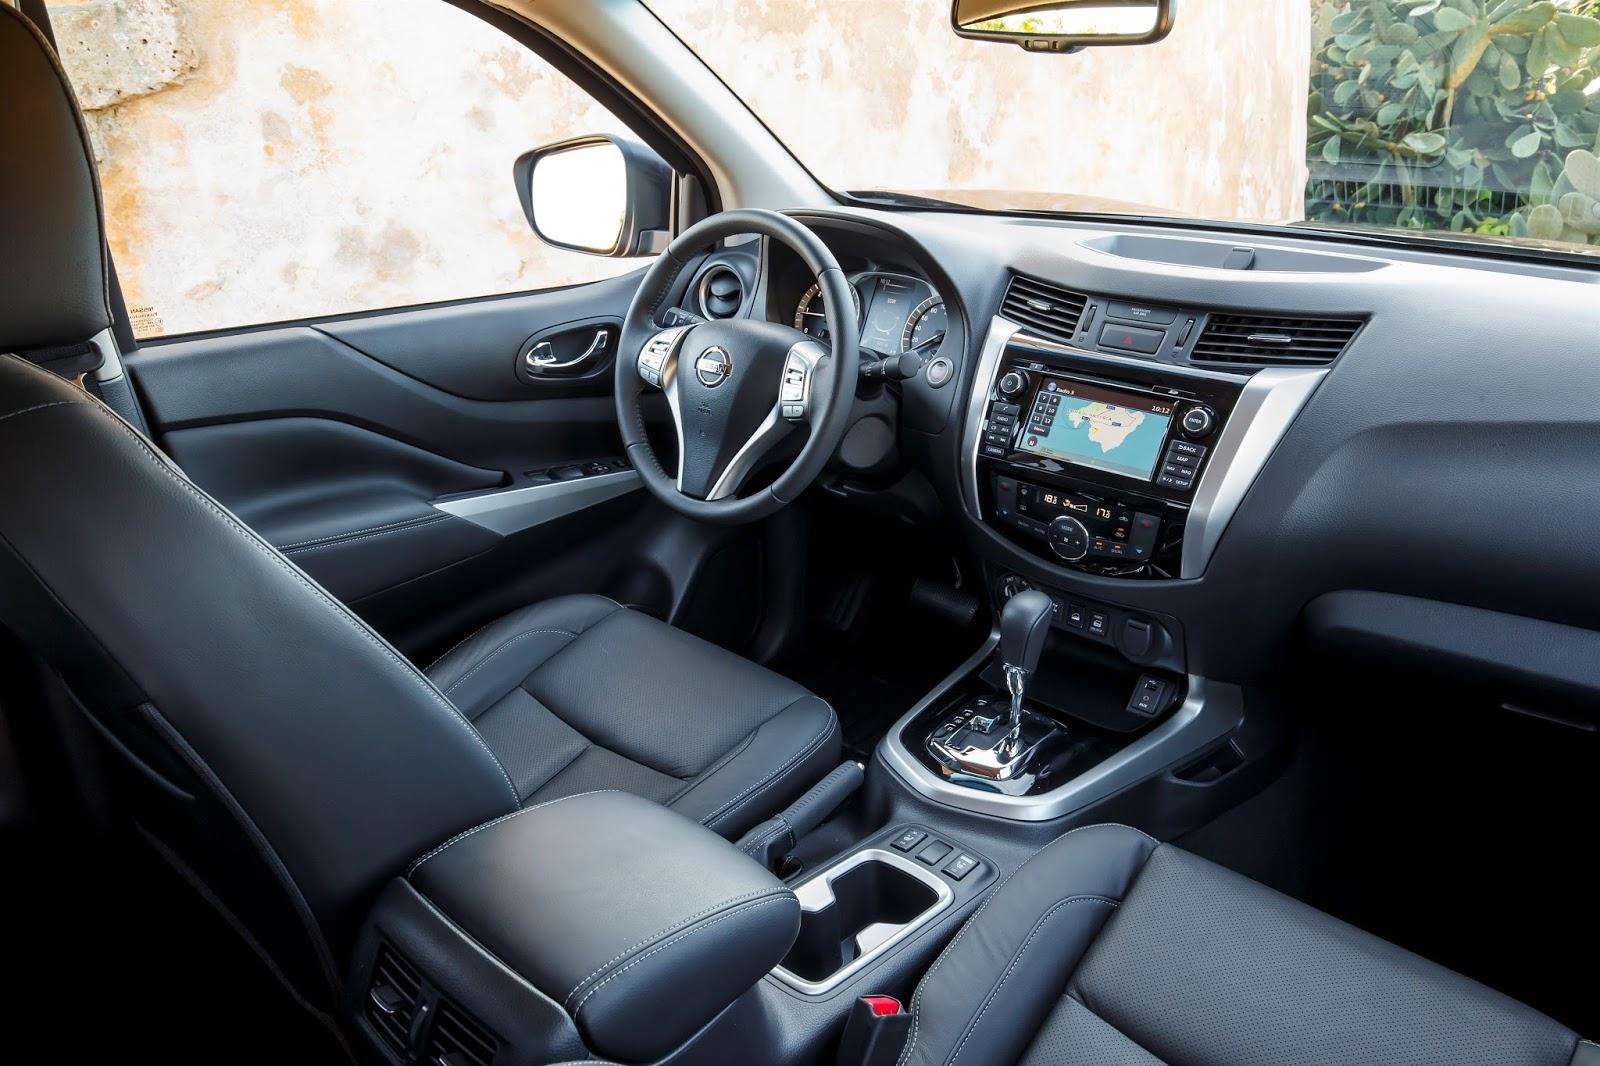 139508 1 5 Το νέο Nissan NP300 NAVARA ήρθε στη χώρα μας για σκληρή δουλειά και από 26.090€ Nissan, Nissan NP300 Navara, Pick-up